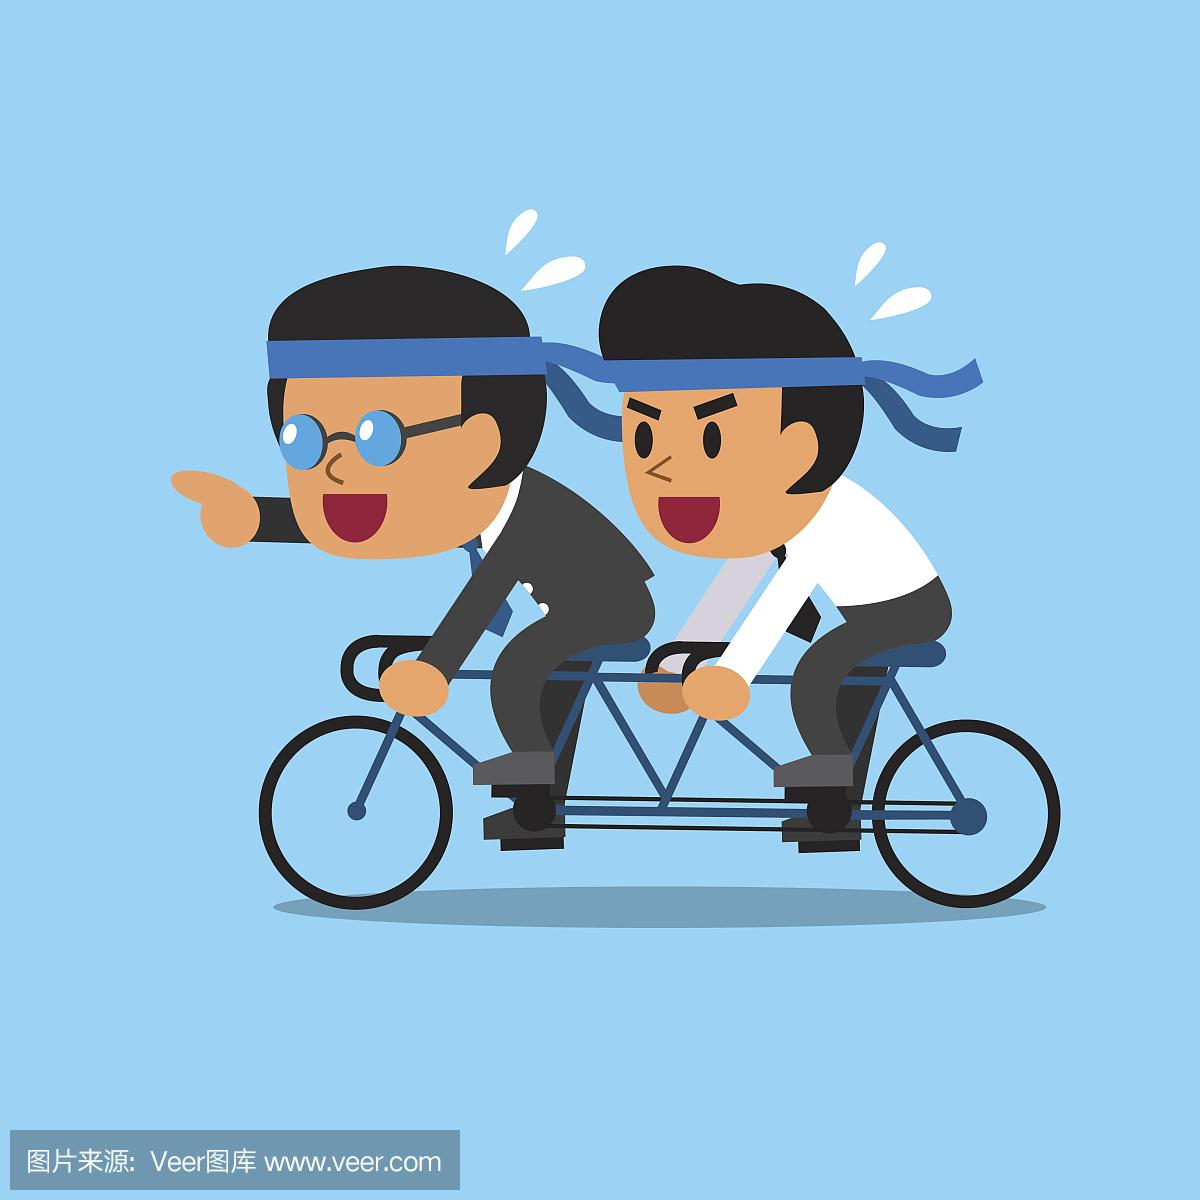 雙人自行車卡通圖片_雙人自行車連接器_微信公眾號文章